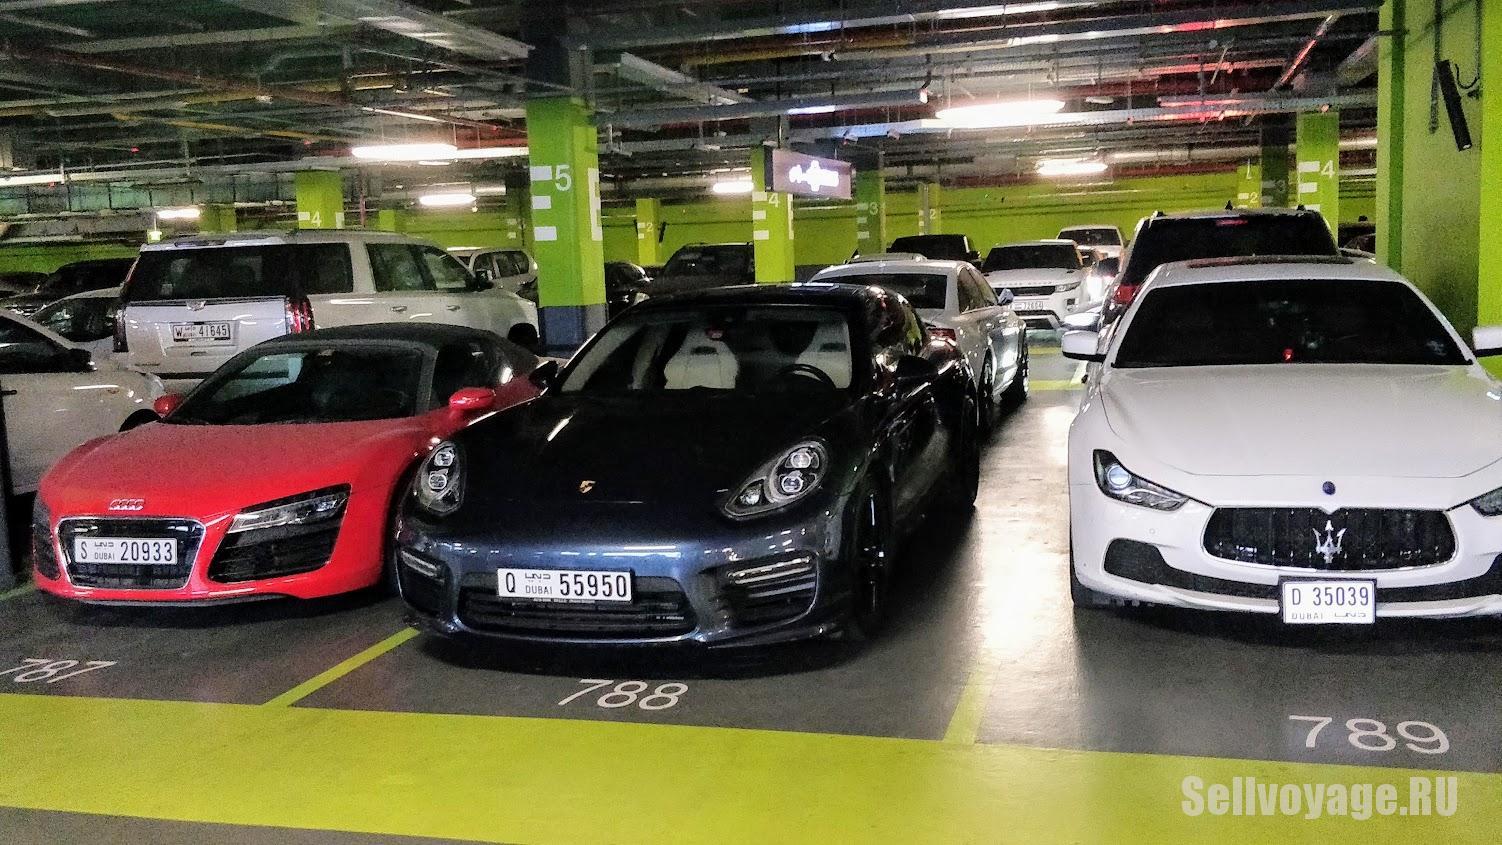 Аренда авто в Дубае заглавная картинка к статье